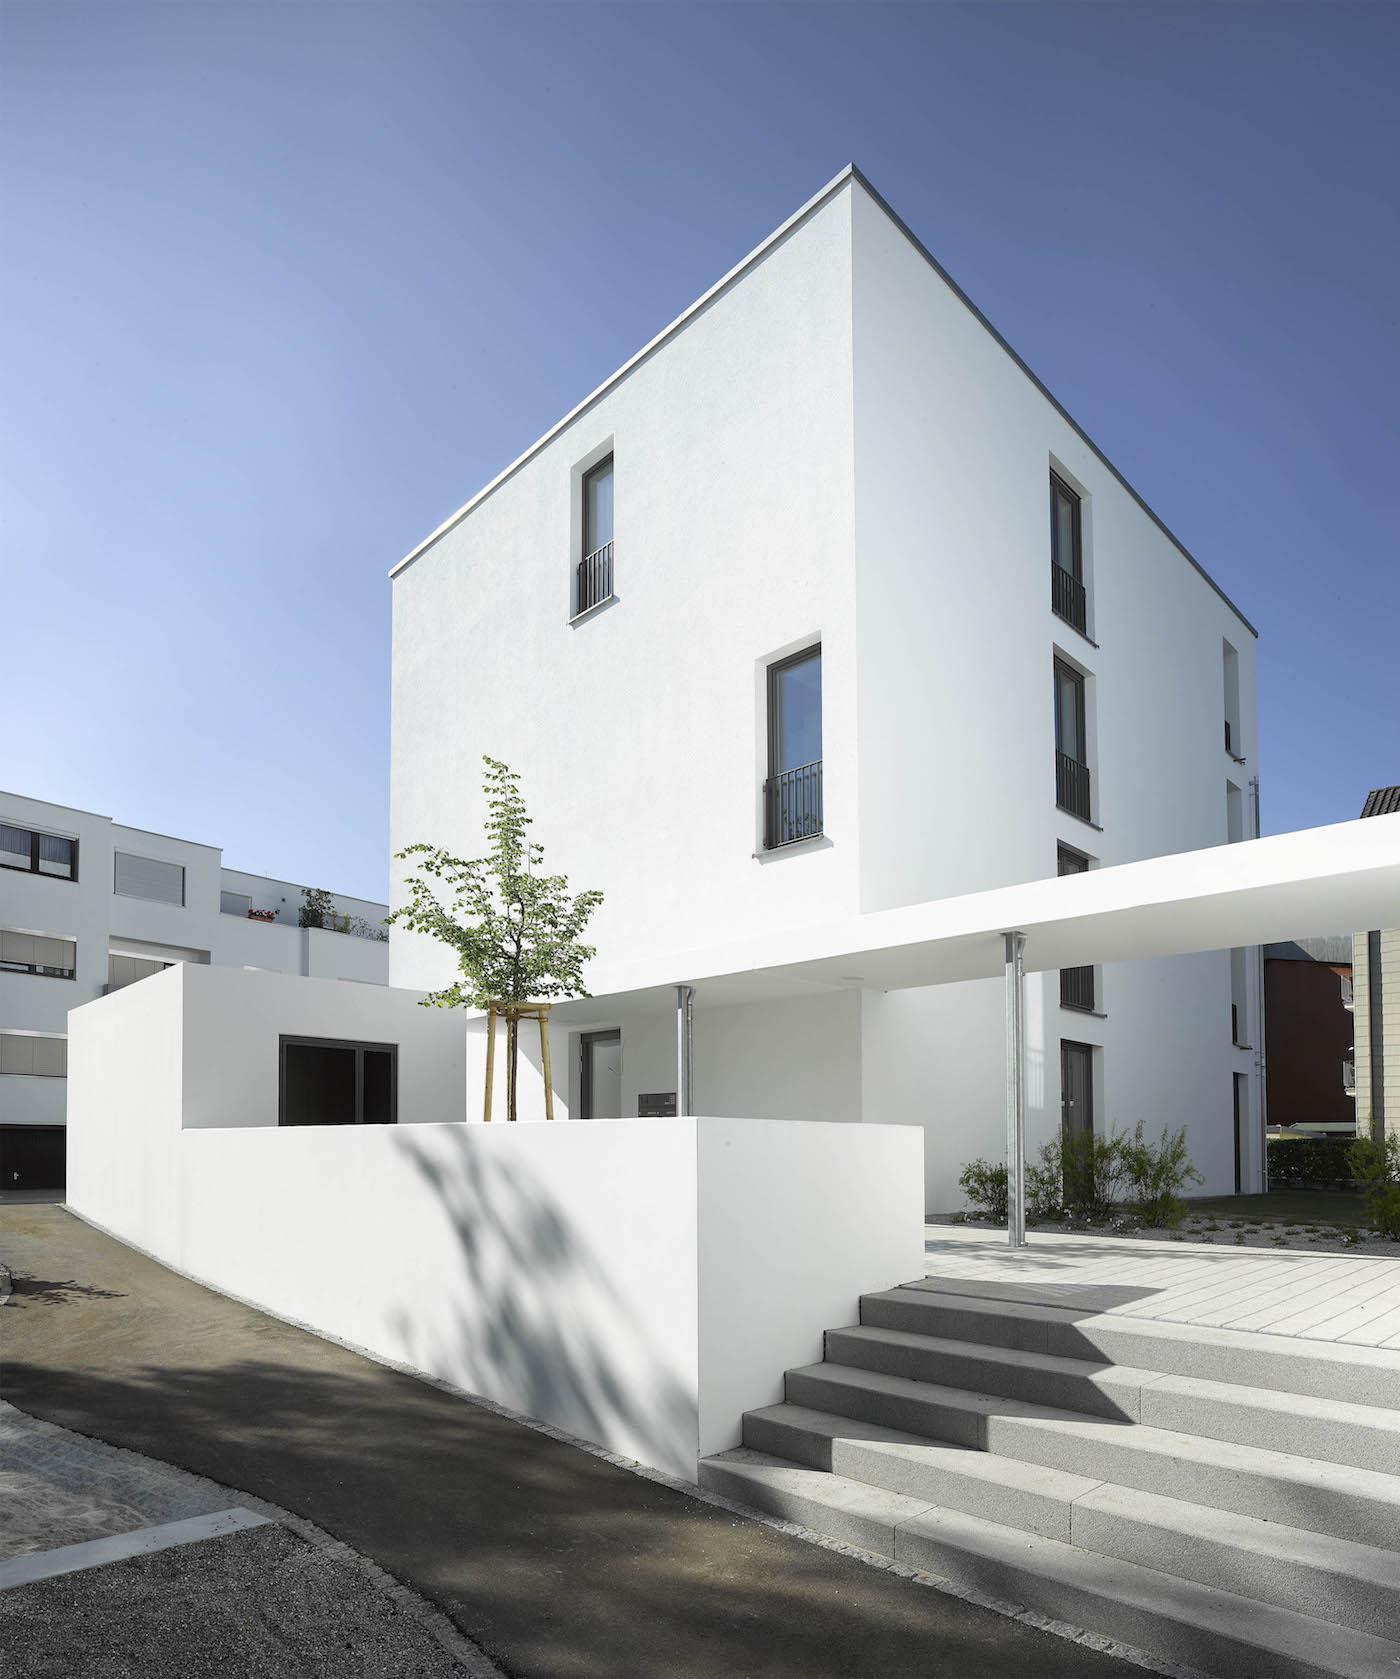 Architekten Reutlingen wohnbebauung am lerchenbuckel reutlingen guggenberger ott